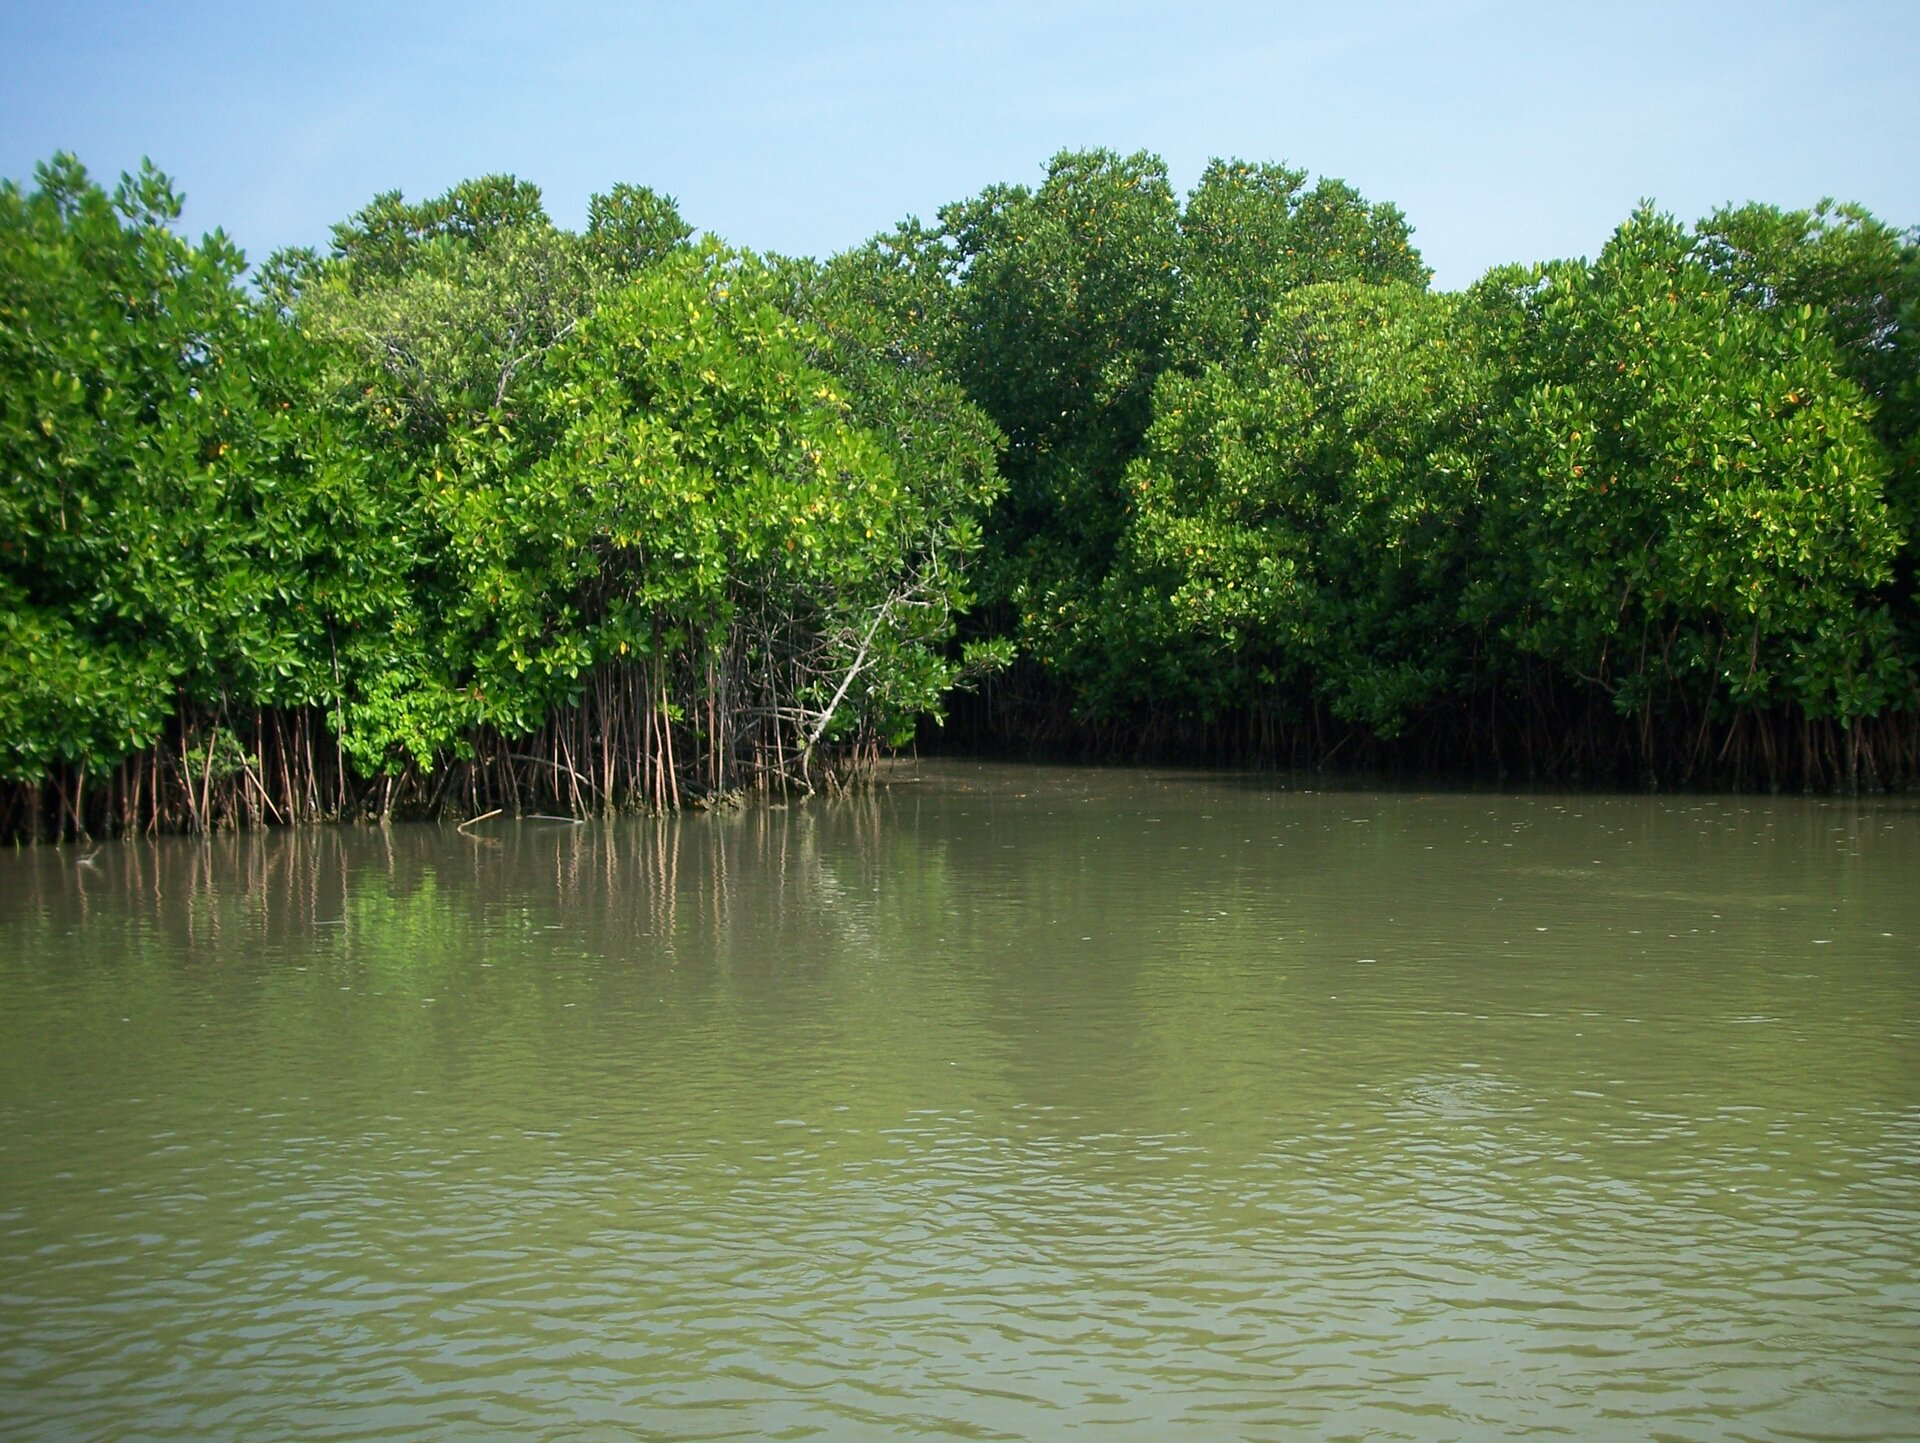 Na zdjęciu brzeg zbiornika wodnego, bezpośrednio wwodzie rosną bujne drzewa.